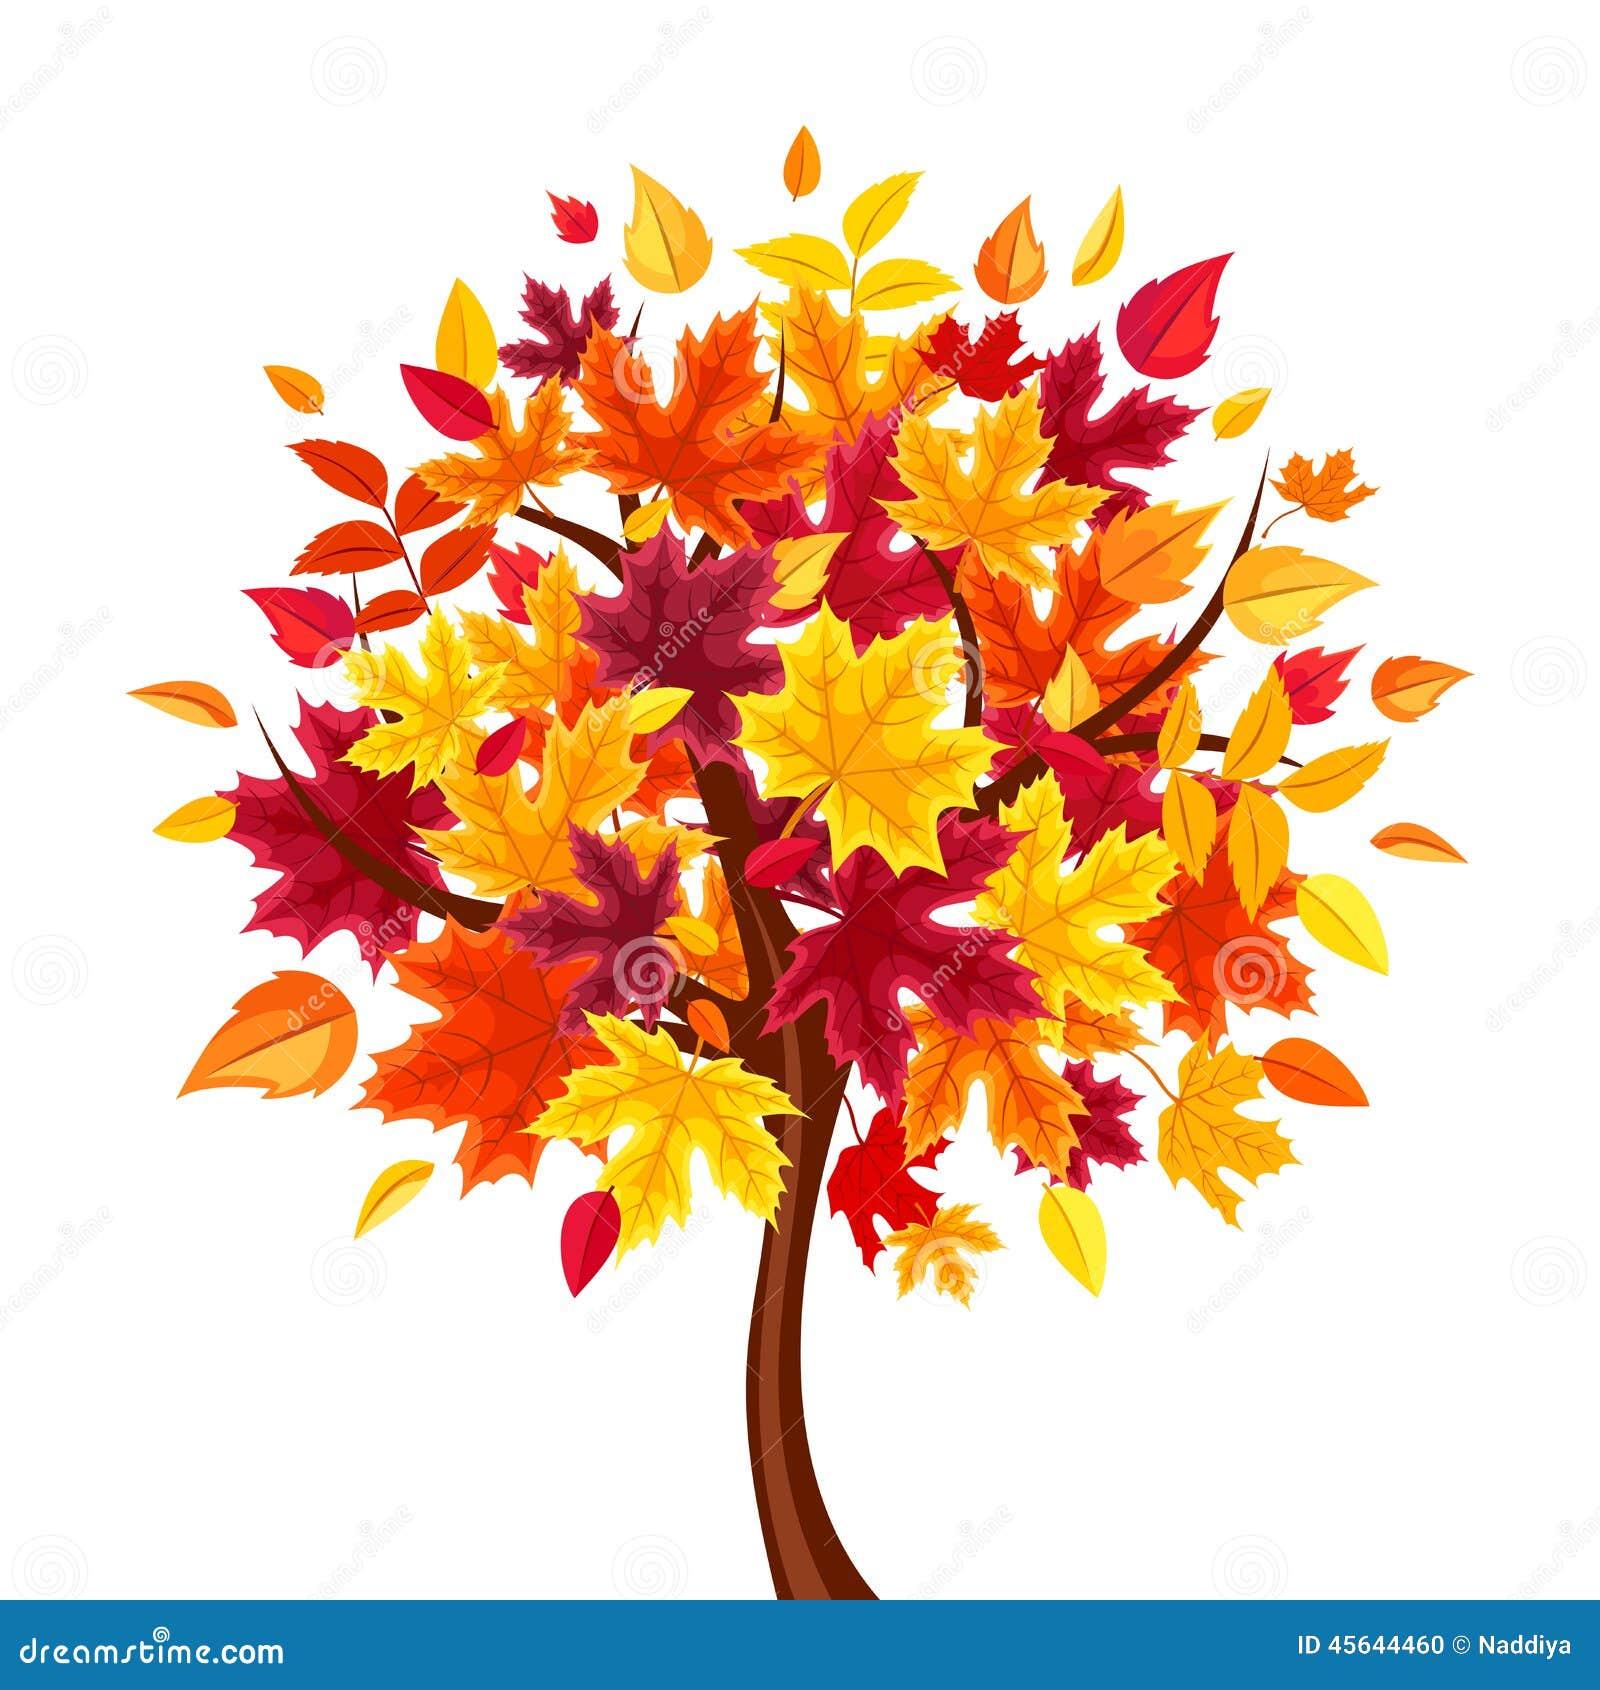 Abstract autumn tree. Vector illustration.